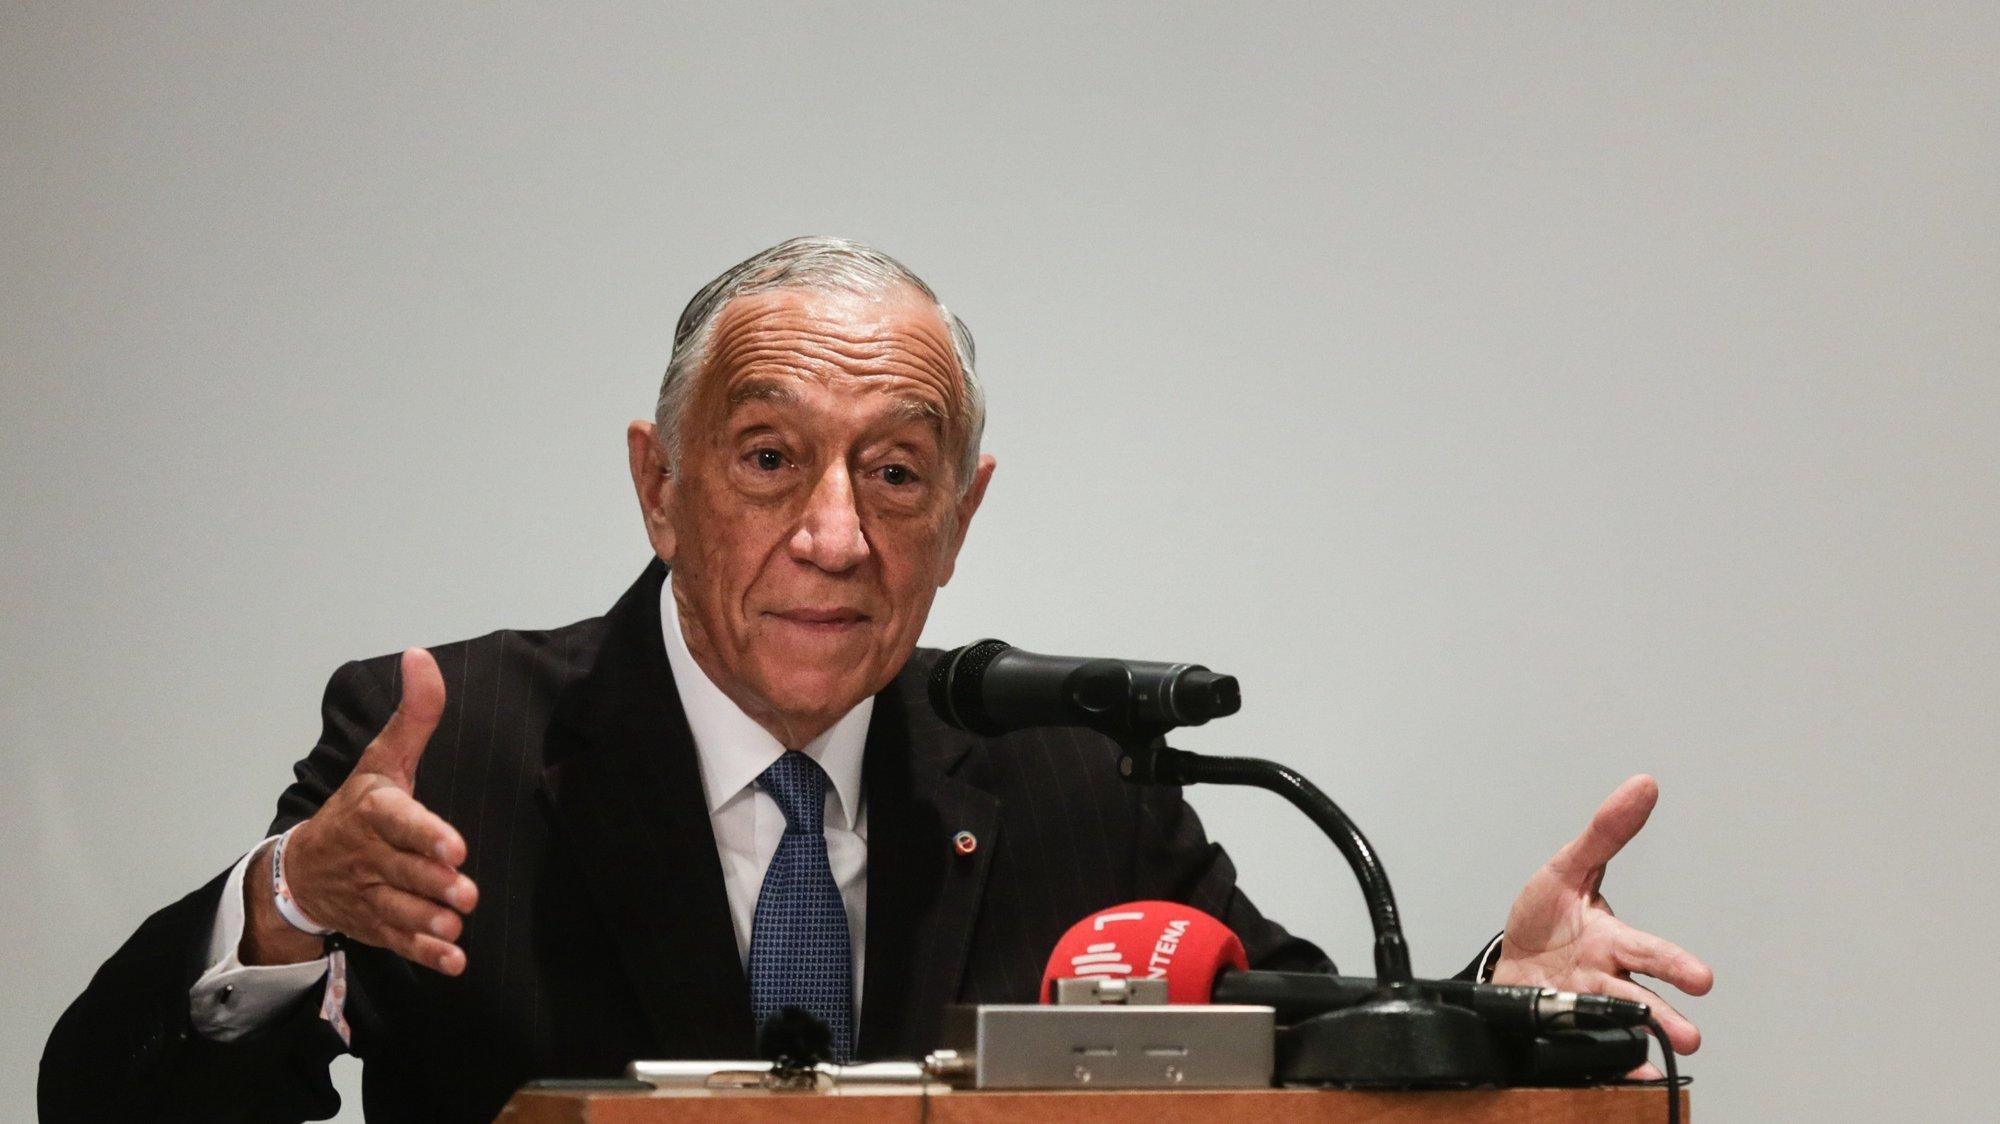 O Presidente da República, Marcelo Rebelo de Sousa, fala num encontro com representantes da Comunidade Portuguesa em Andorra, no âmbito da XXVII Cimeira Ibero-Americana, Andorra, 20 de abril de 2021. TIAGO PETINGA/LUSA